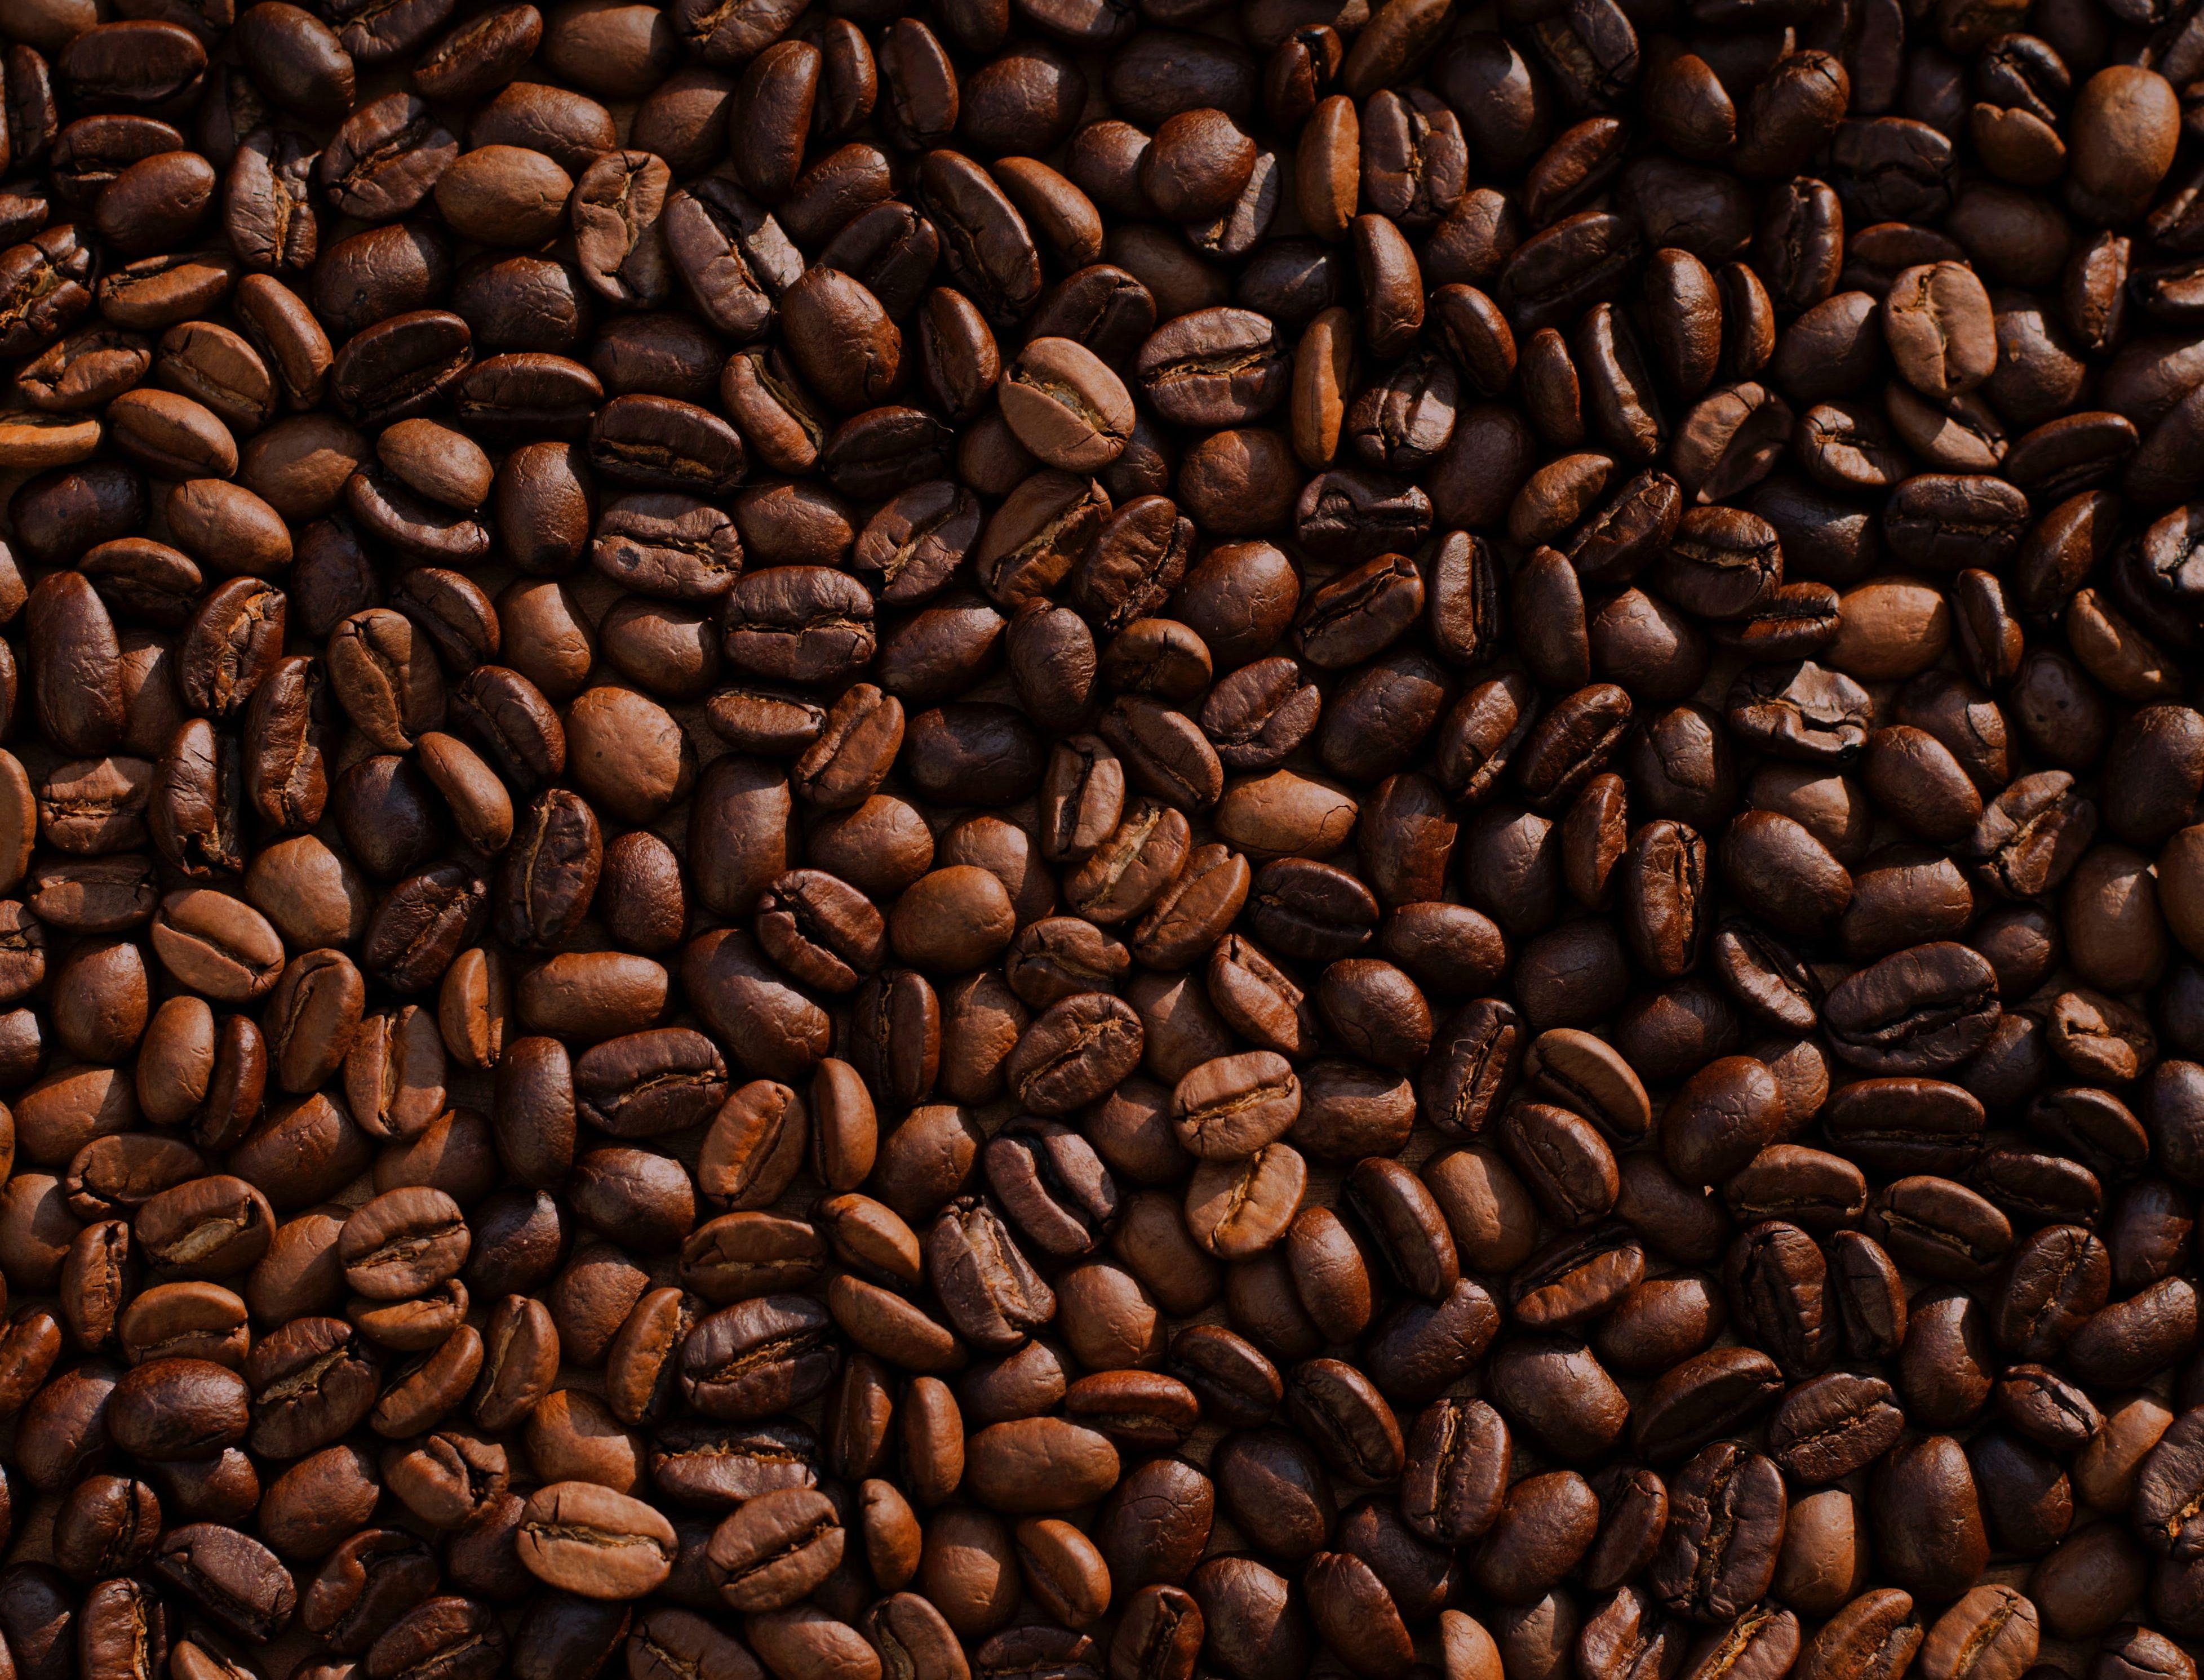 Káva z Burundi - Jemná kvalitní káva ze srdce Afriky